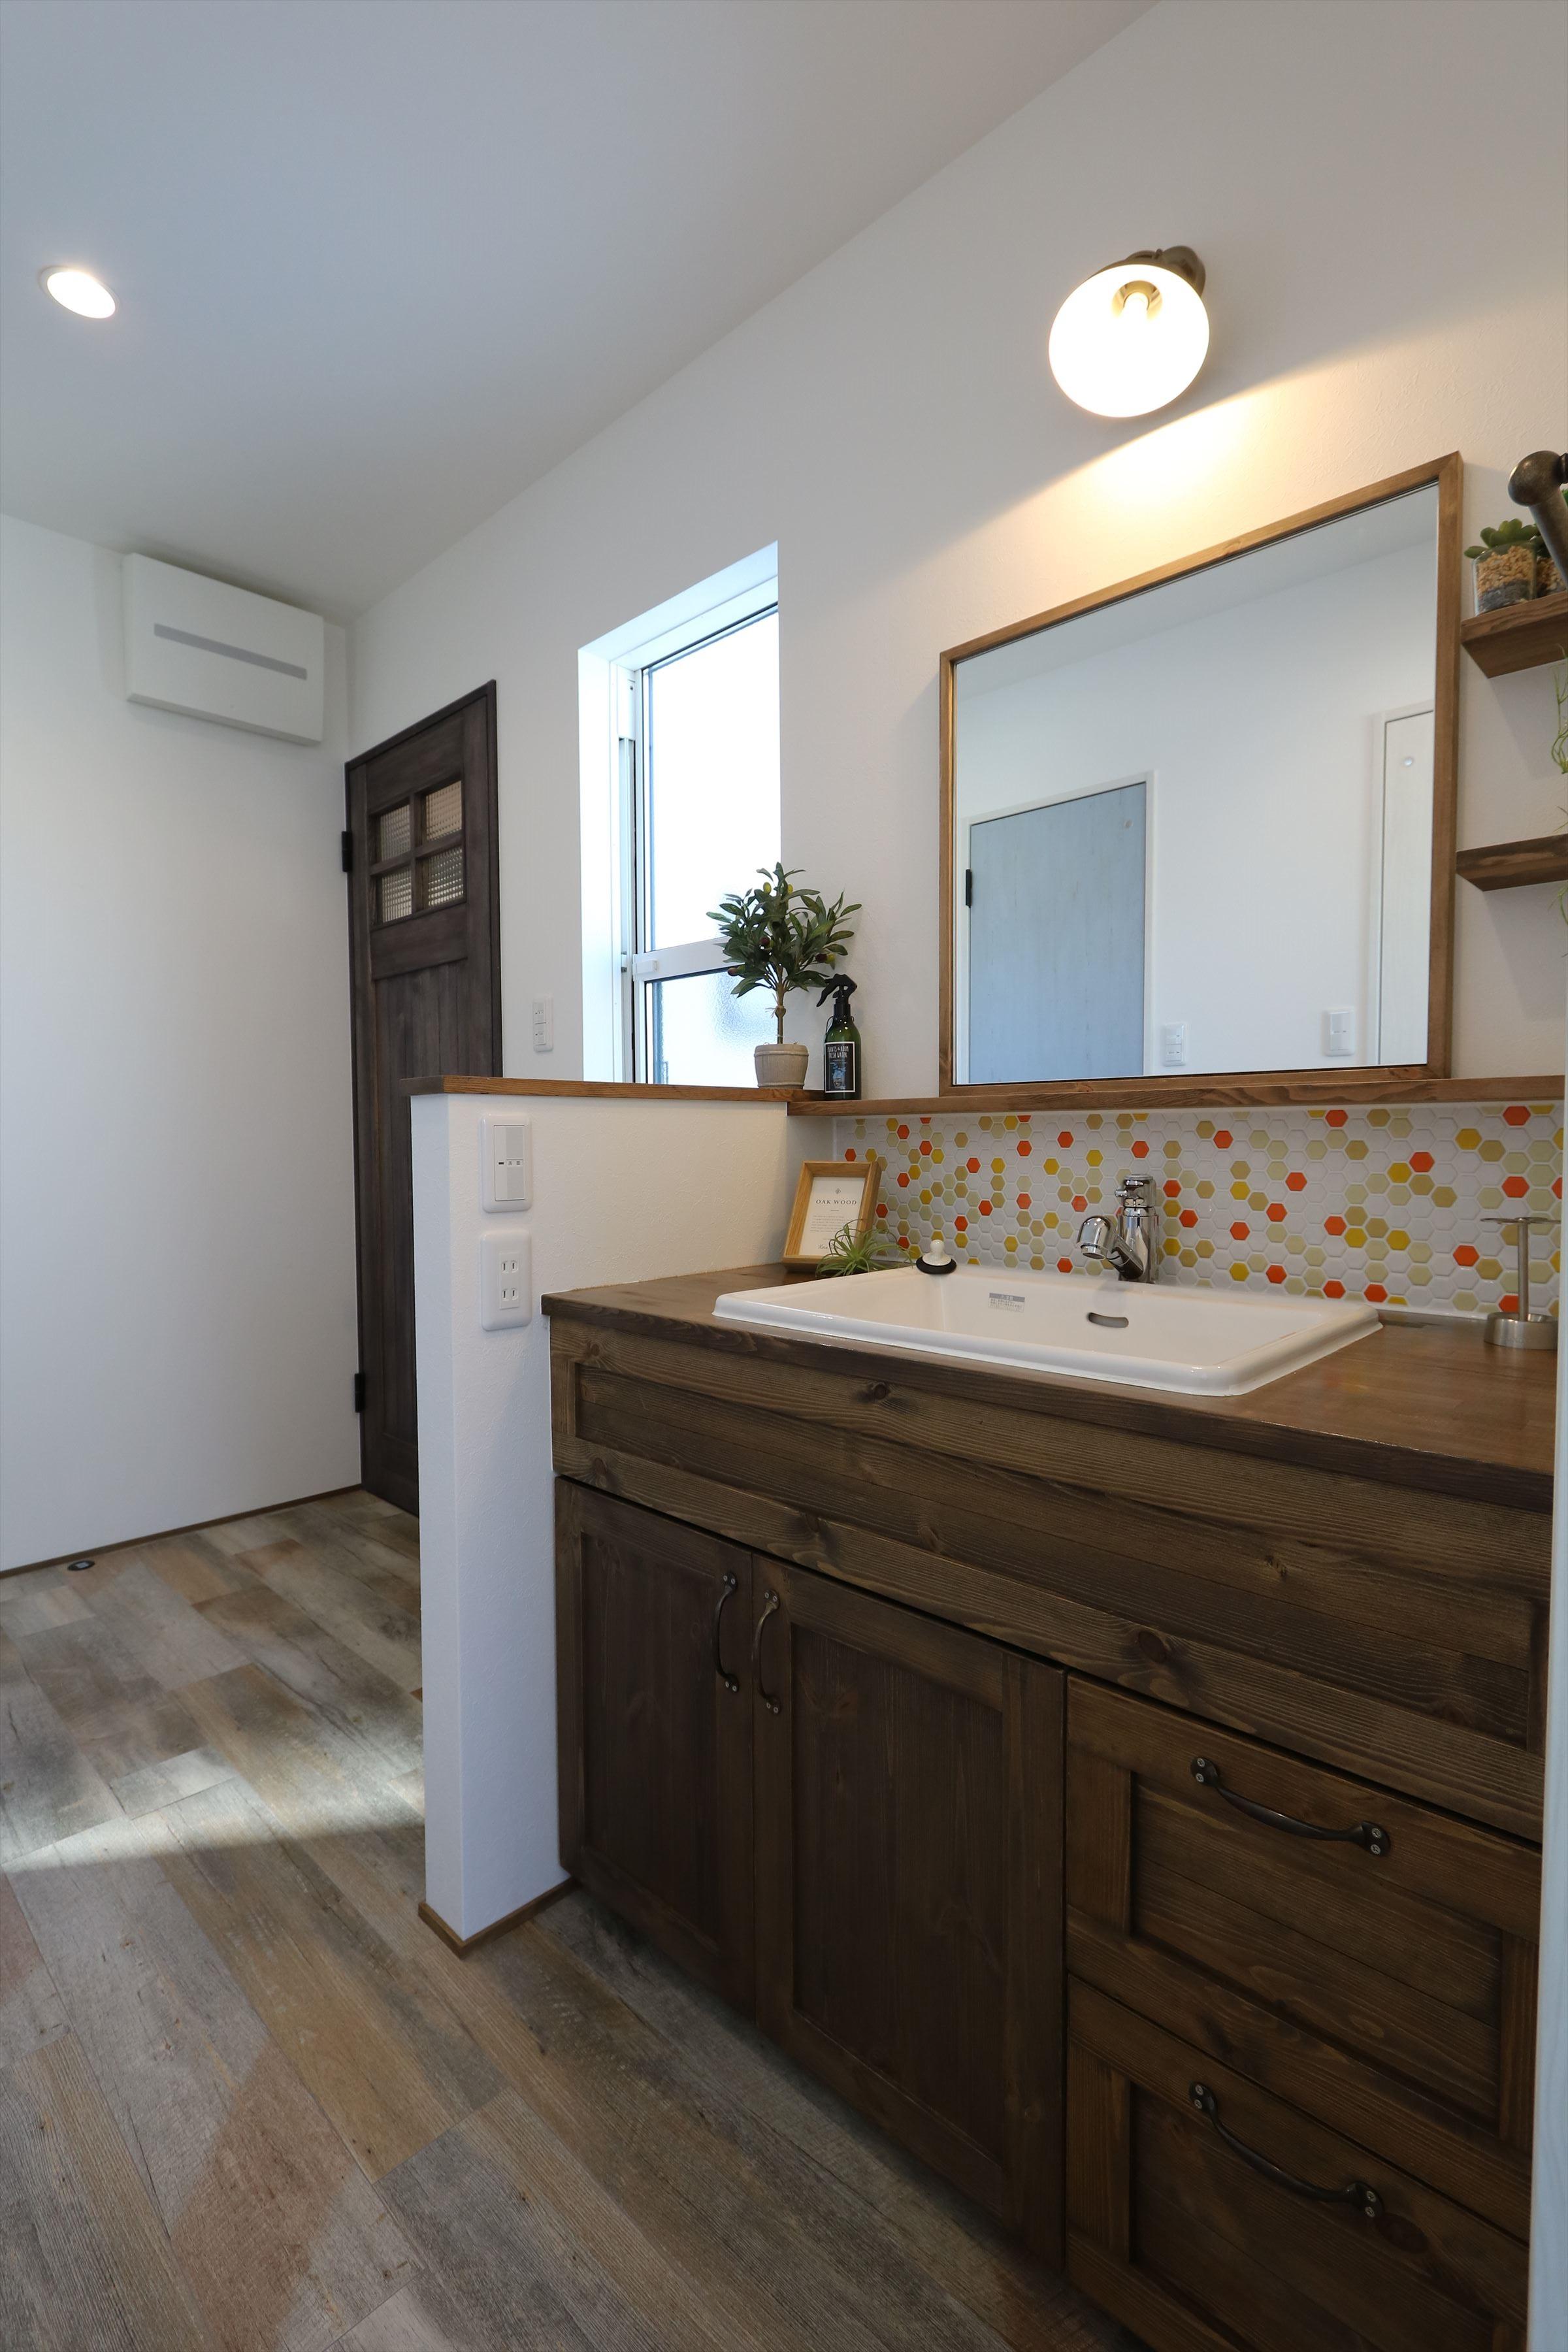 プライベート中庭が広がる家|石川県金沢市の注文住宅・デザイン性・新築の家・戸建て|E-HOUSE